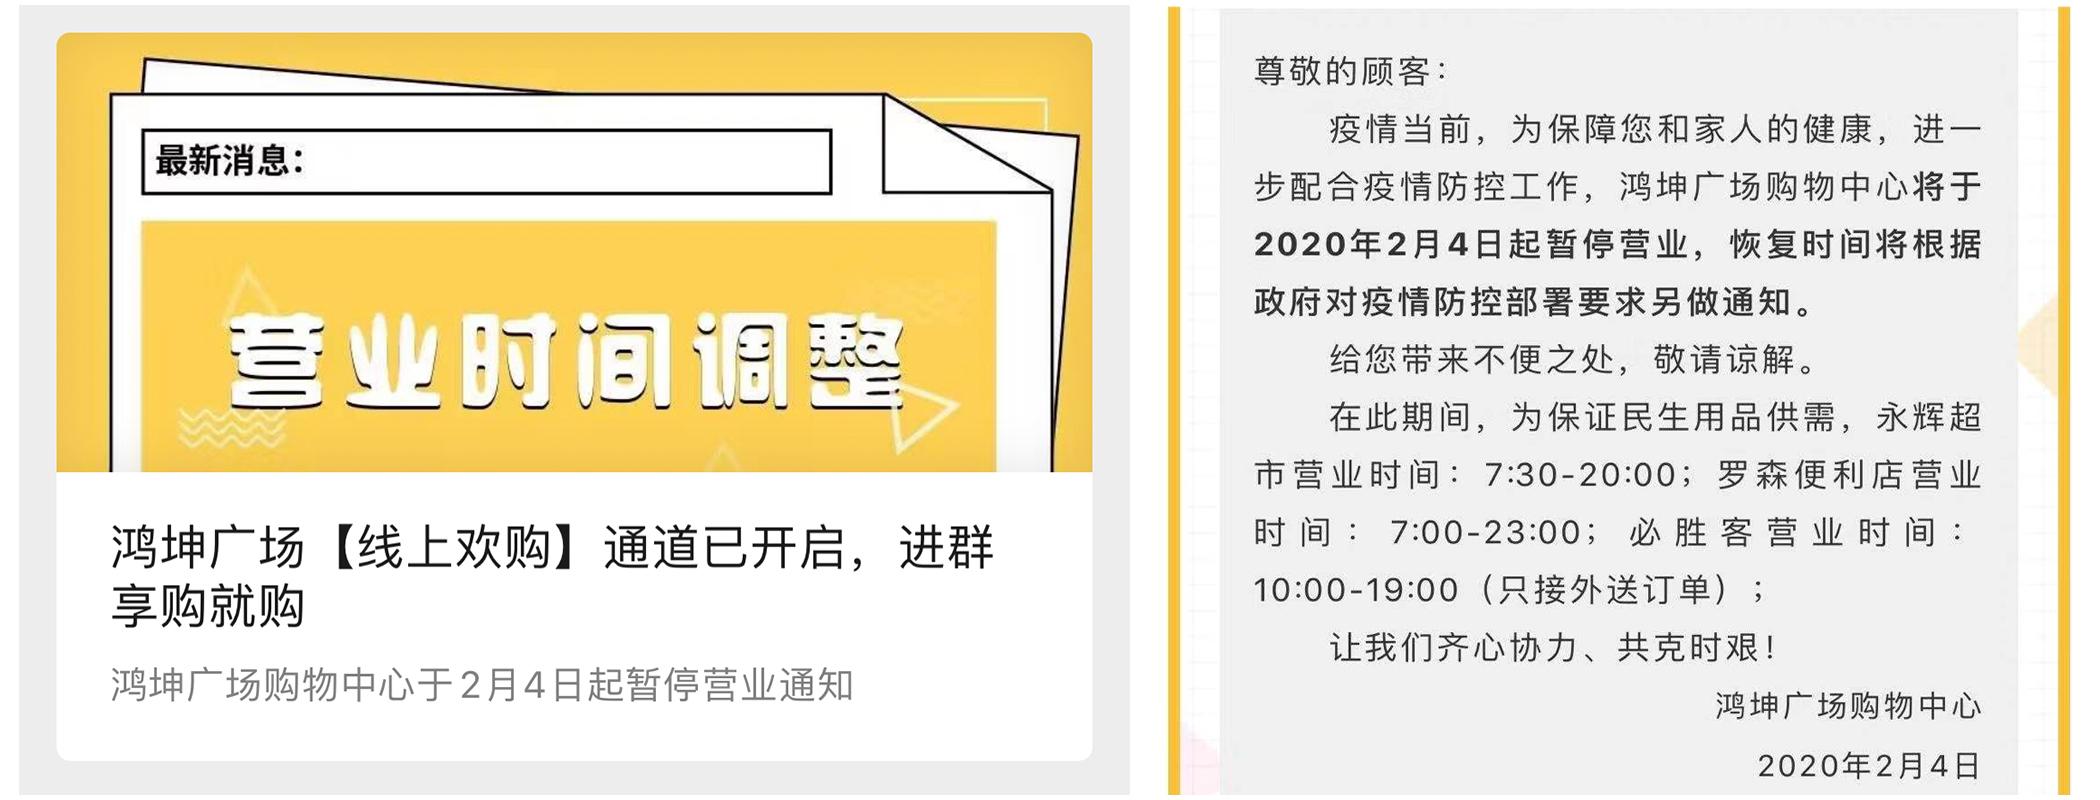 诚博国际app下载商业调整营业时间 保障服务的同时保证平安